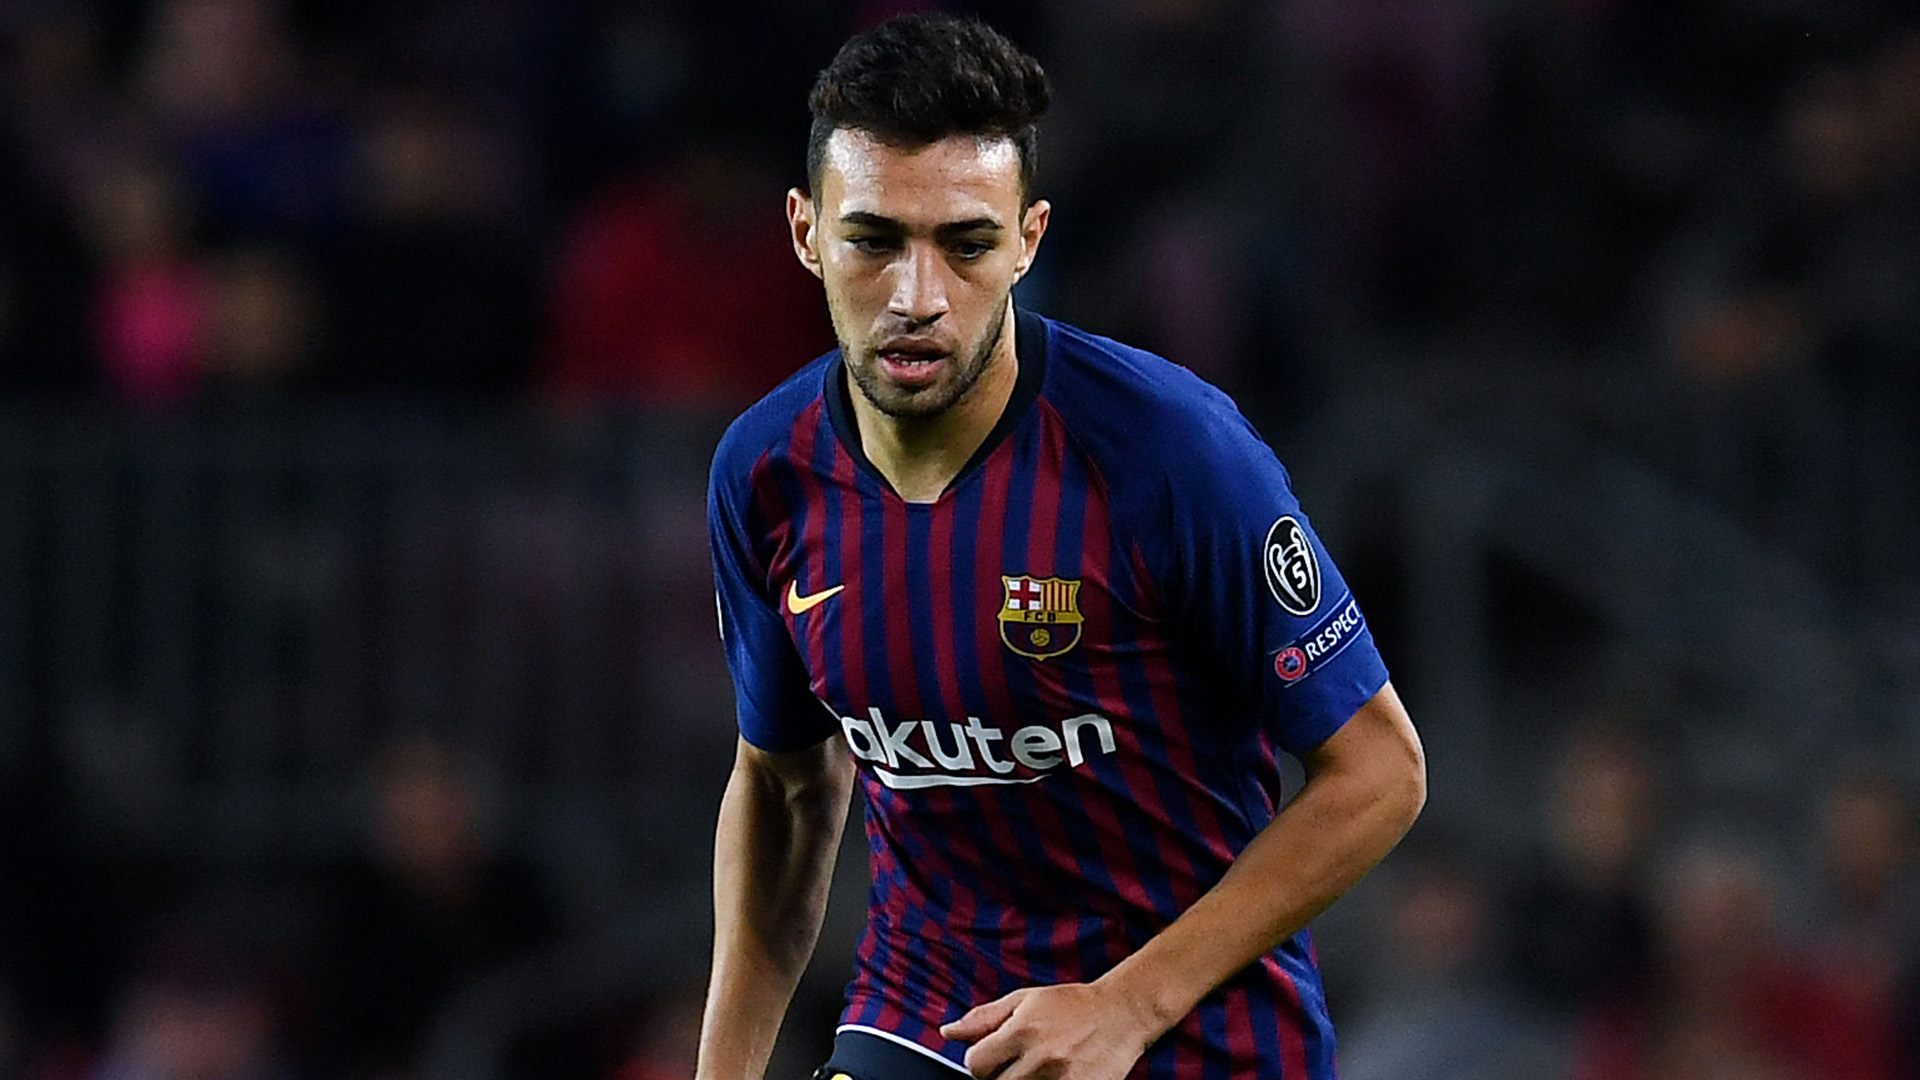 Munir El Haddadi Barca 2018